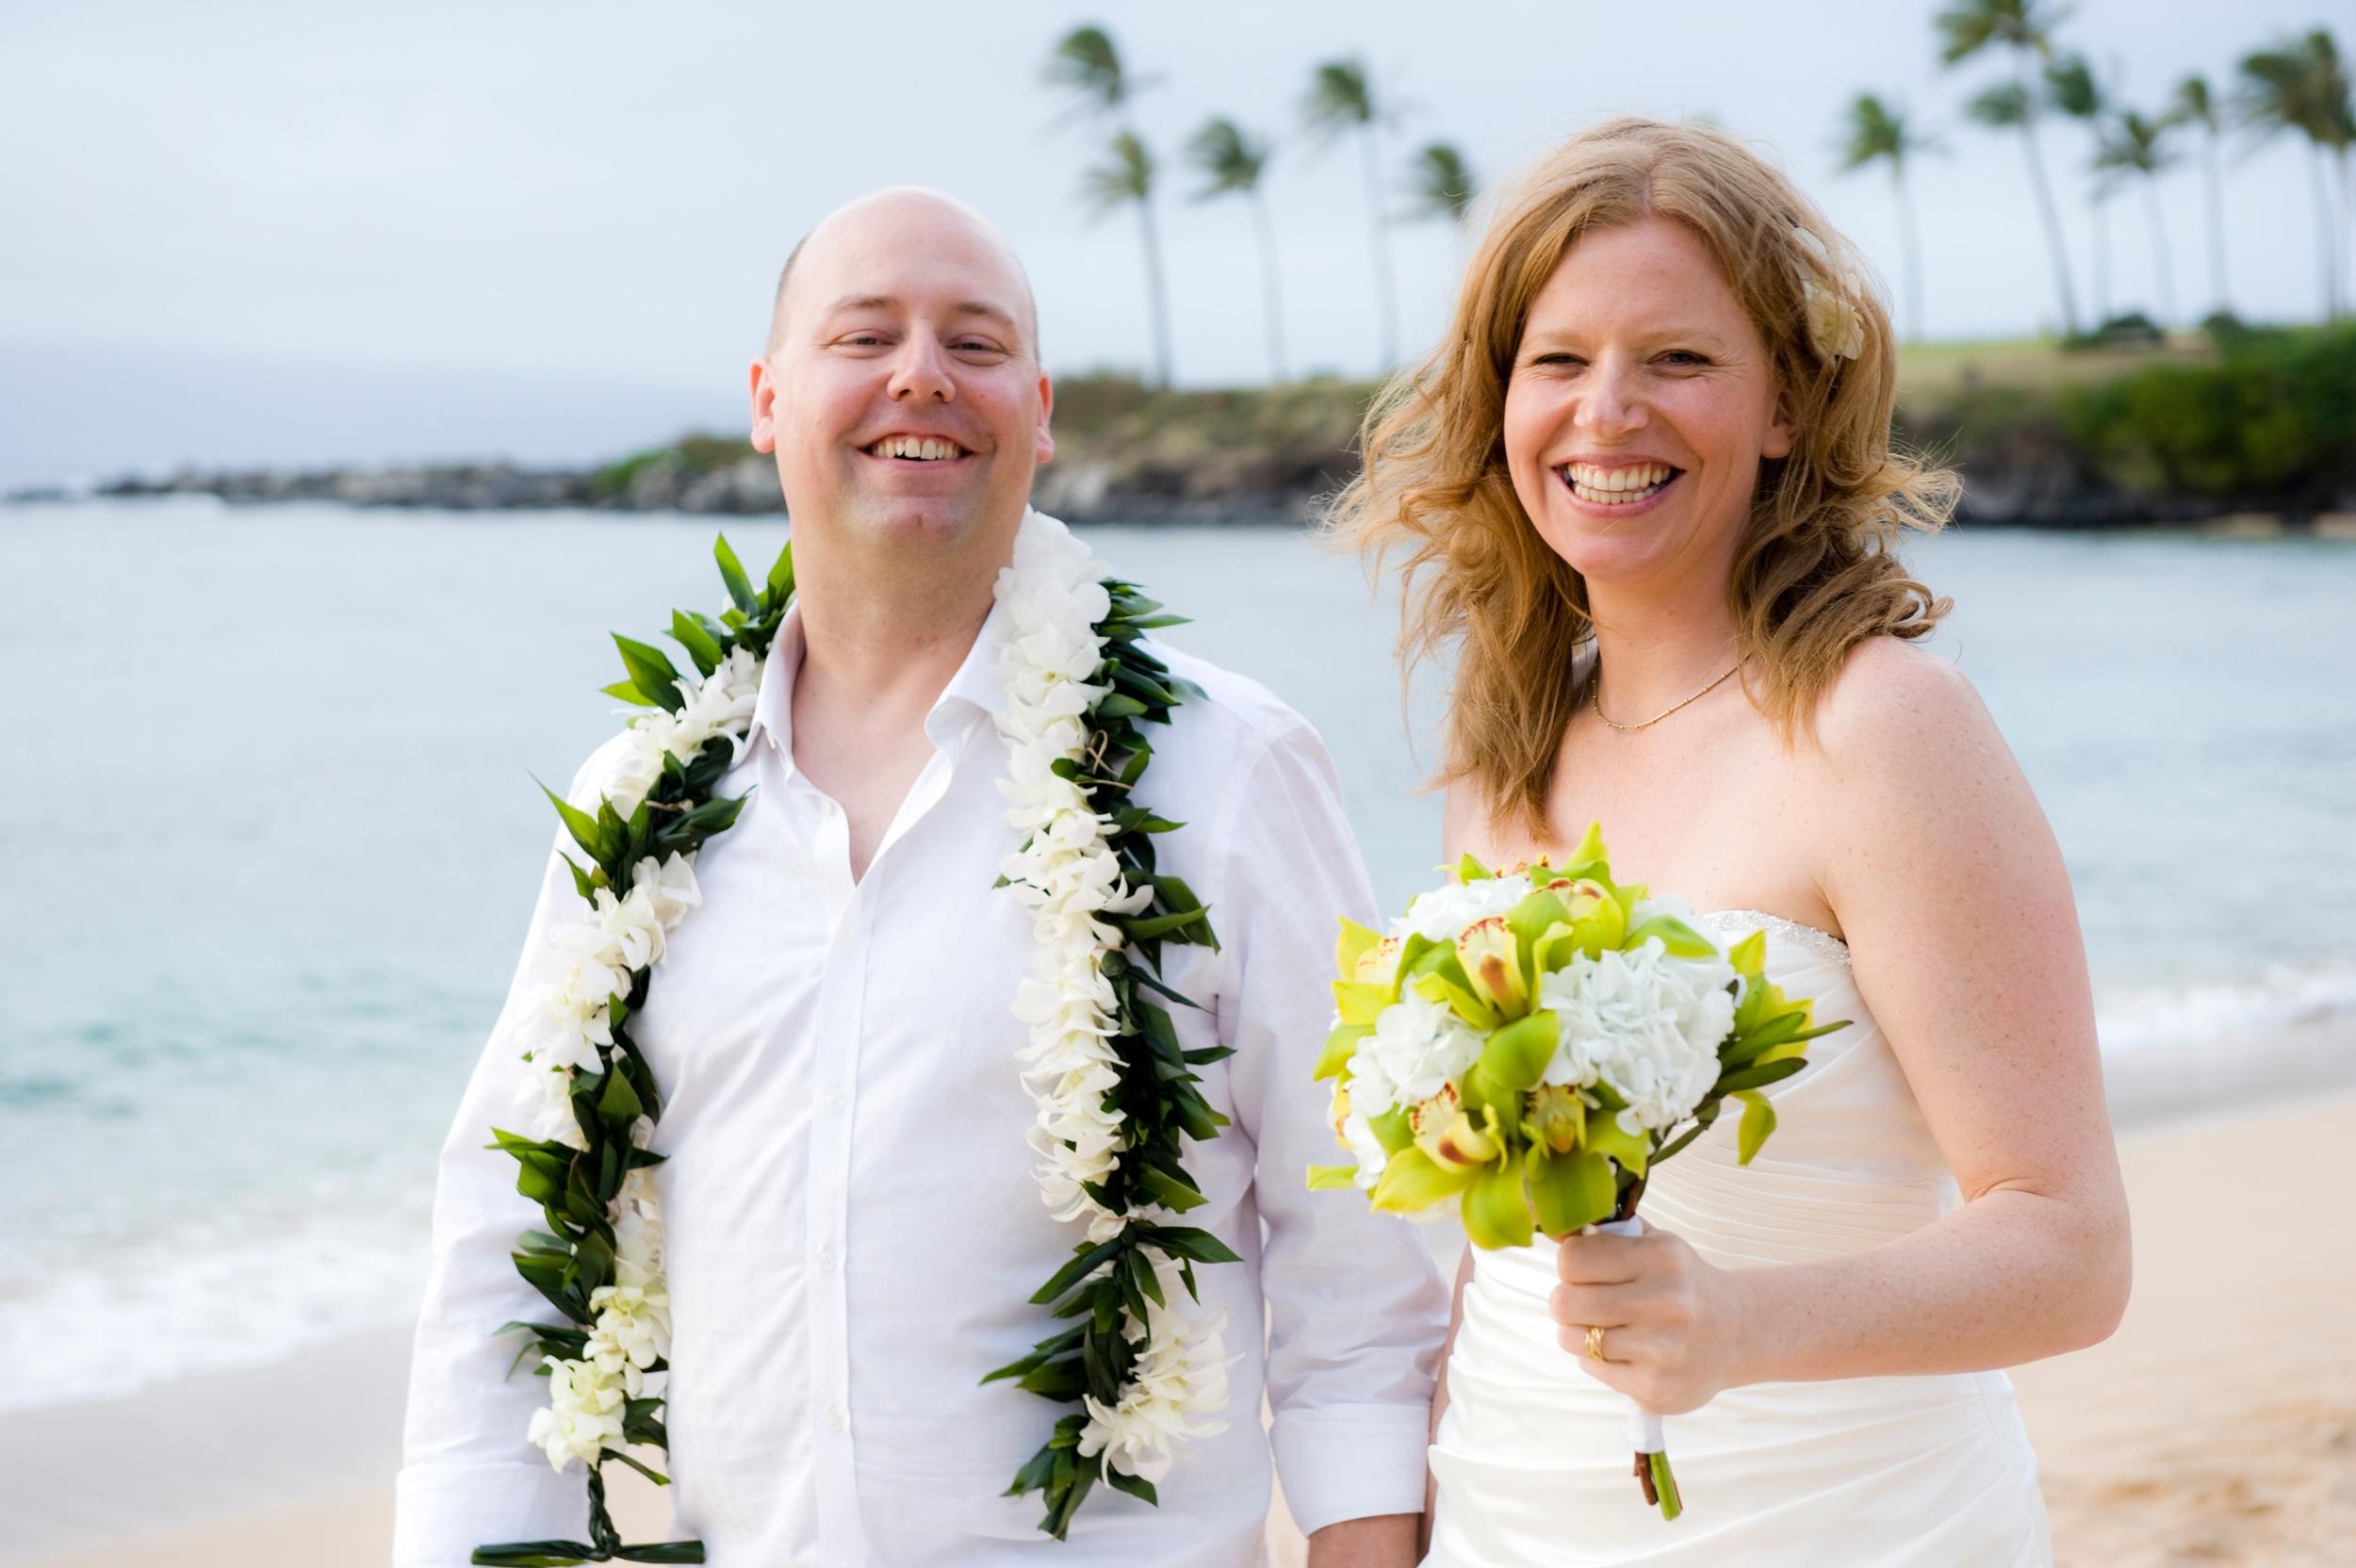 Wedding++31721-1852469159-O.jpg